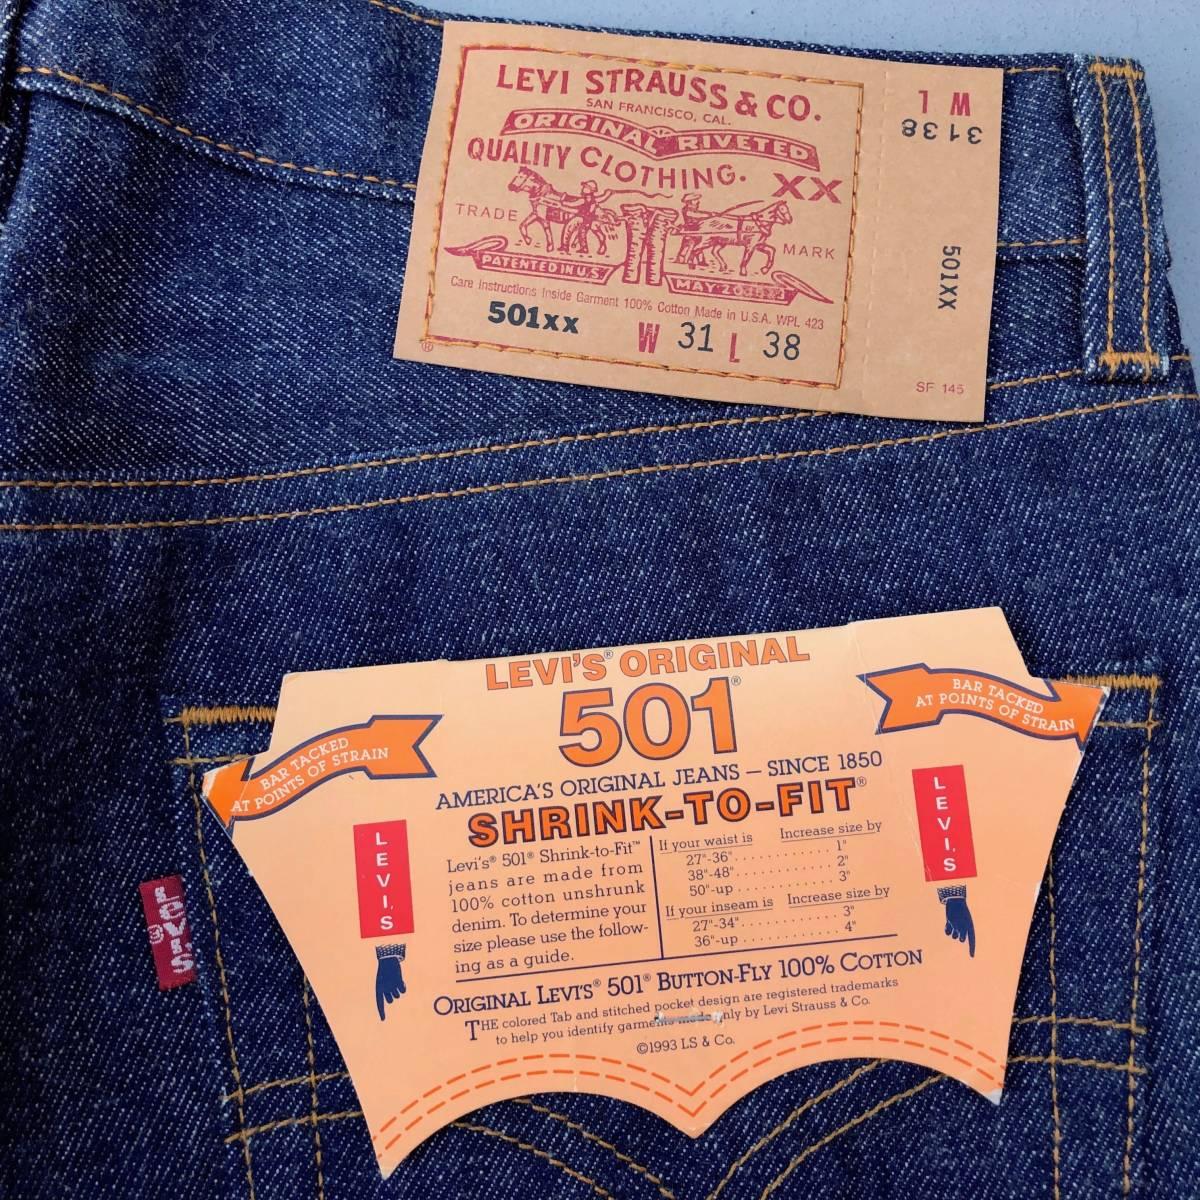 米国製 デッド LEVI'S 501XX 1501-0117 レギュラー W31 L38 リジッド デニムパンツ 新品 ビンテージ 90s ジーンズ アメリカUSA製1990年代_画像4